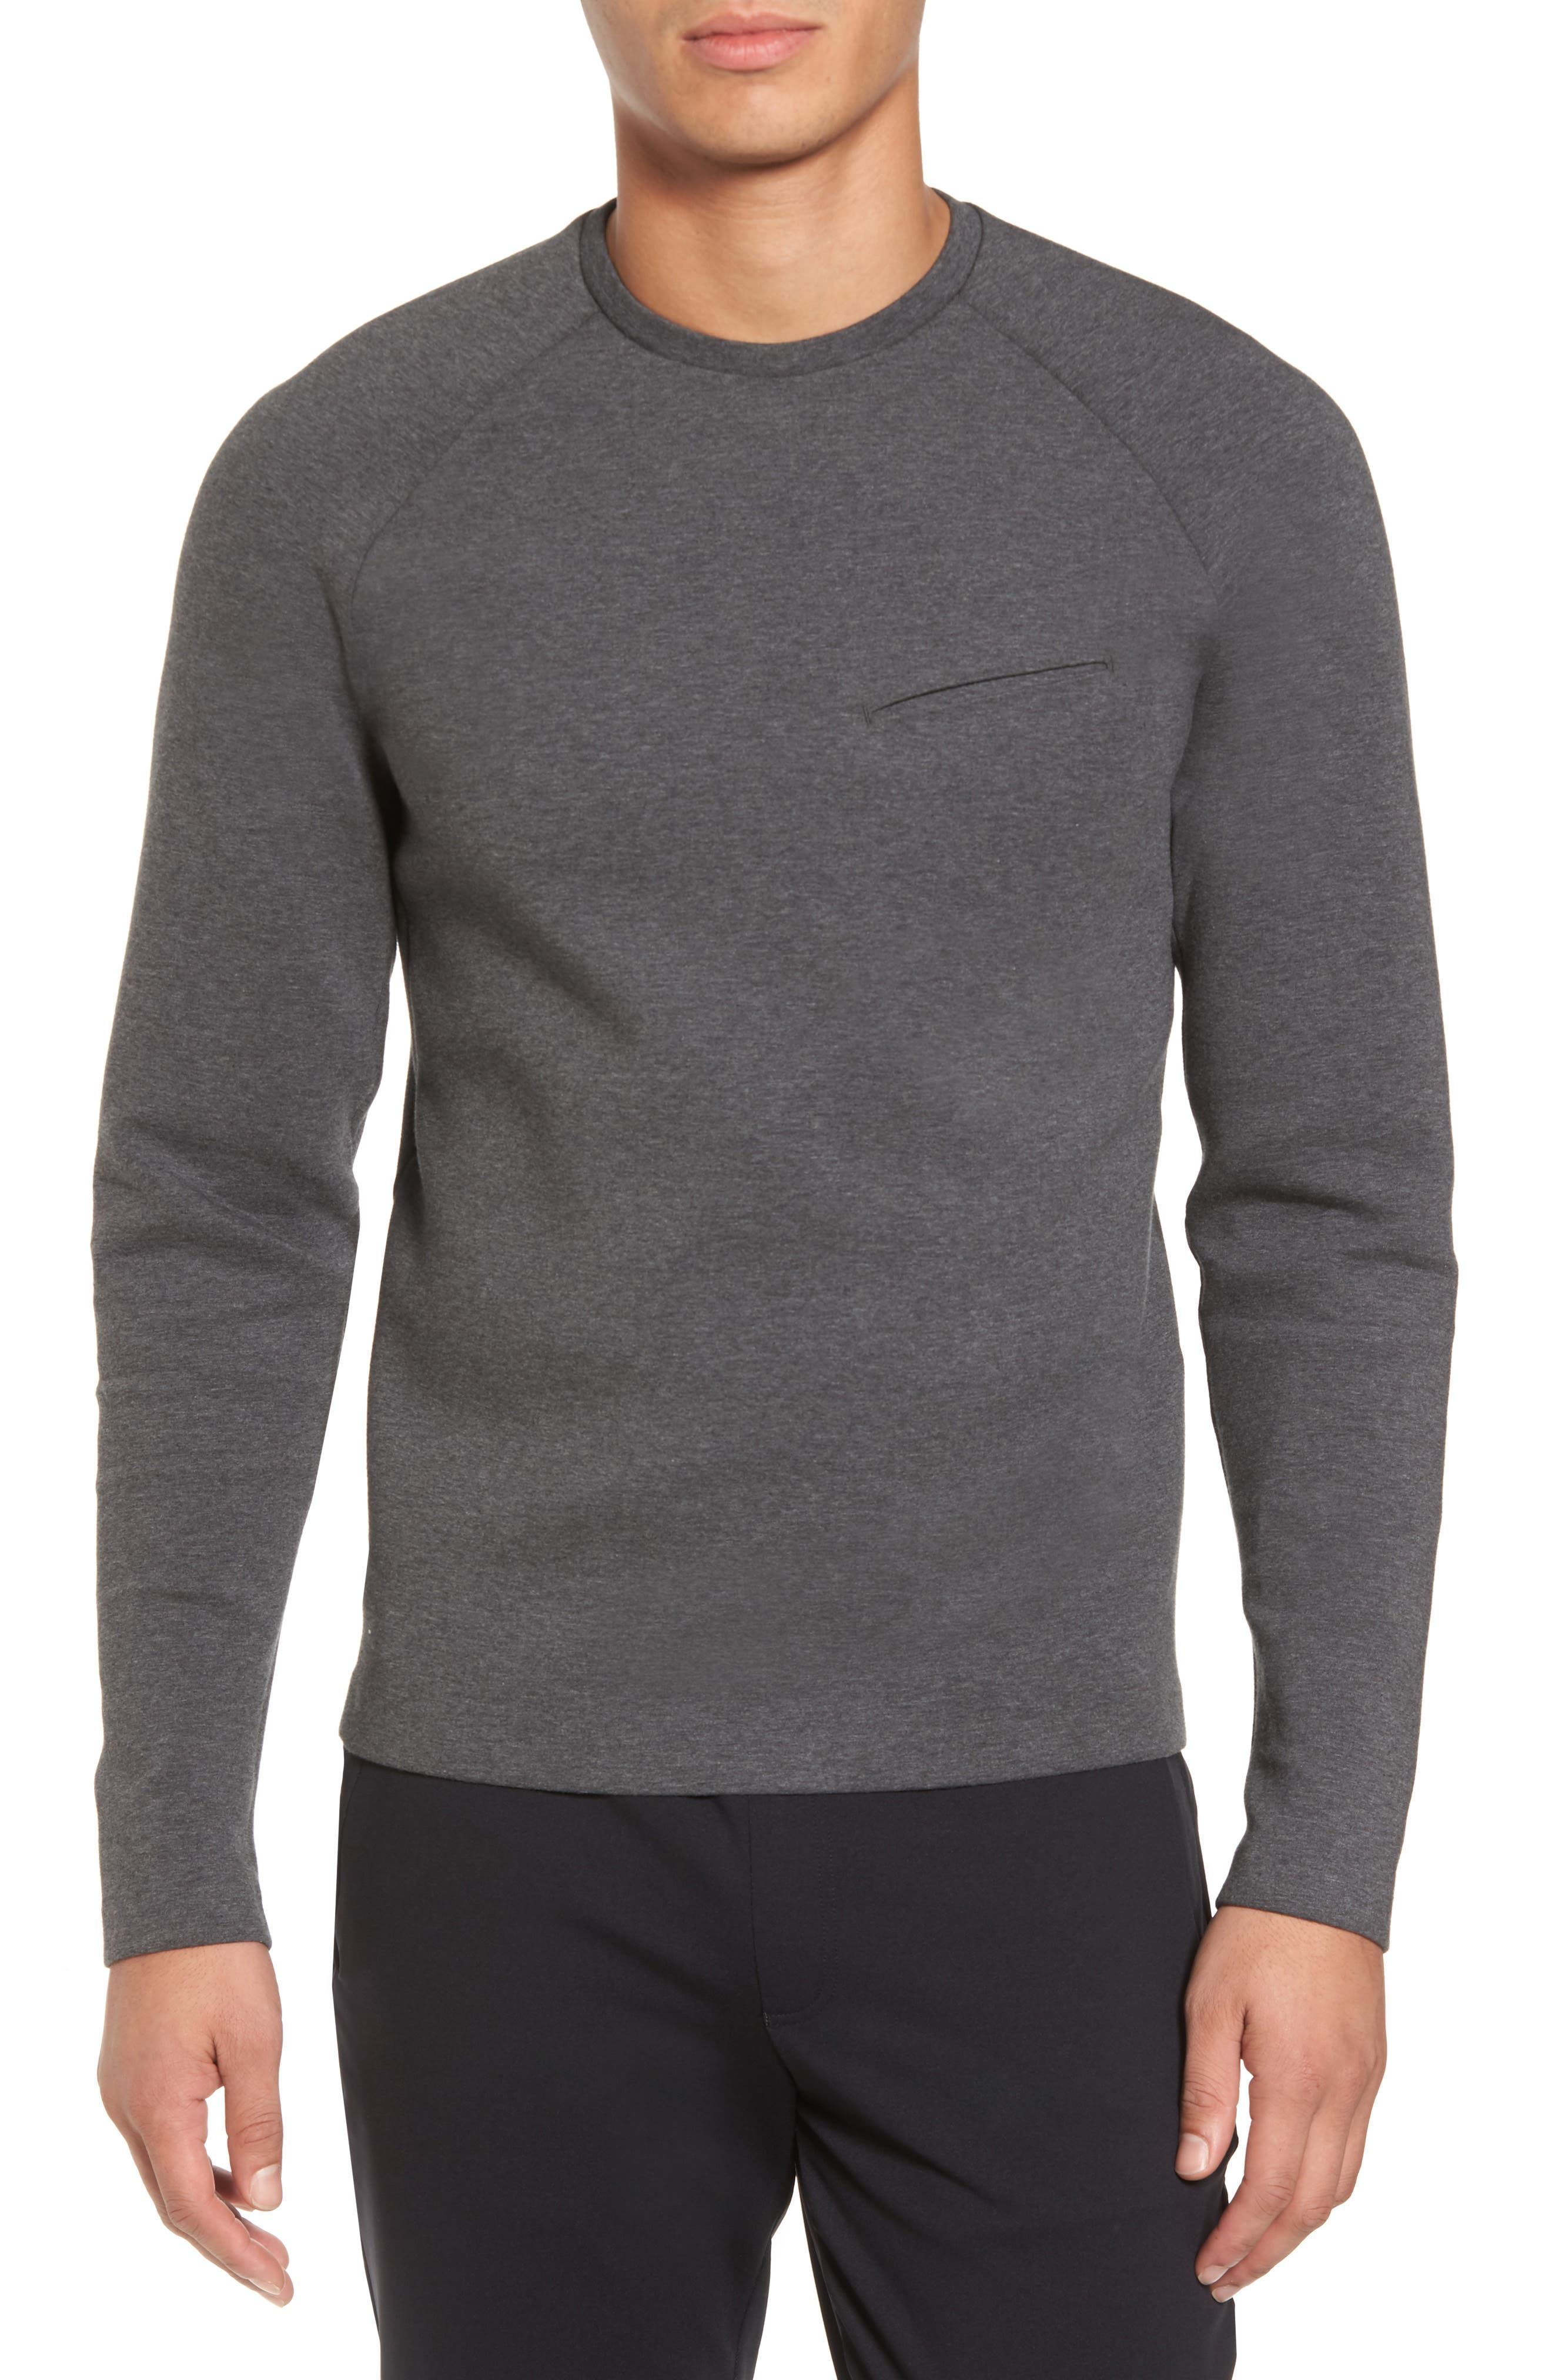 Ethos Cotton Blend Sweater,                         Main,                         color, Heather Asphalt